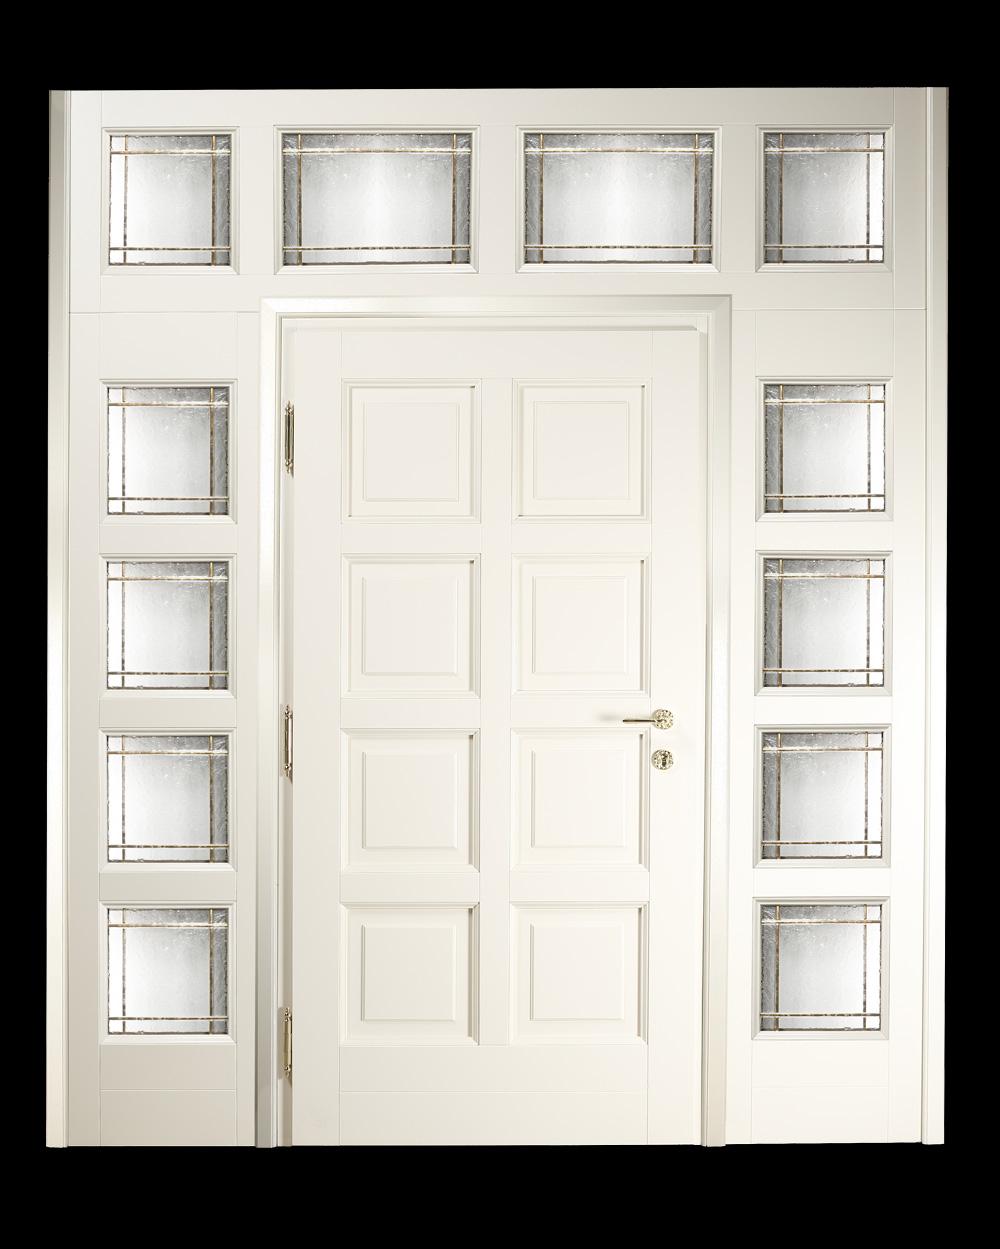 Porta d 39 ingresso per villa privata custom sige s r l for Porta d ingresso coloniale olandese